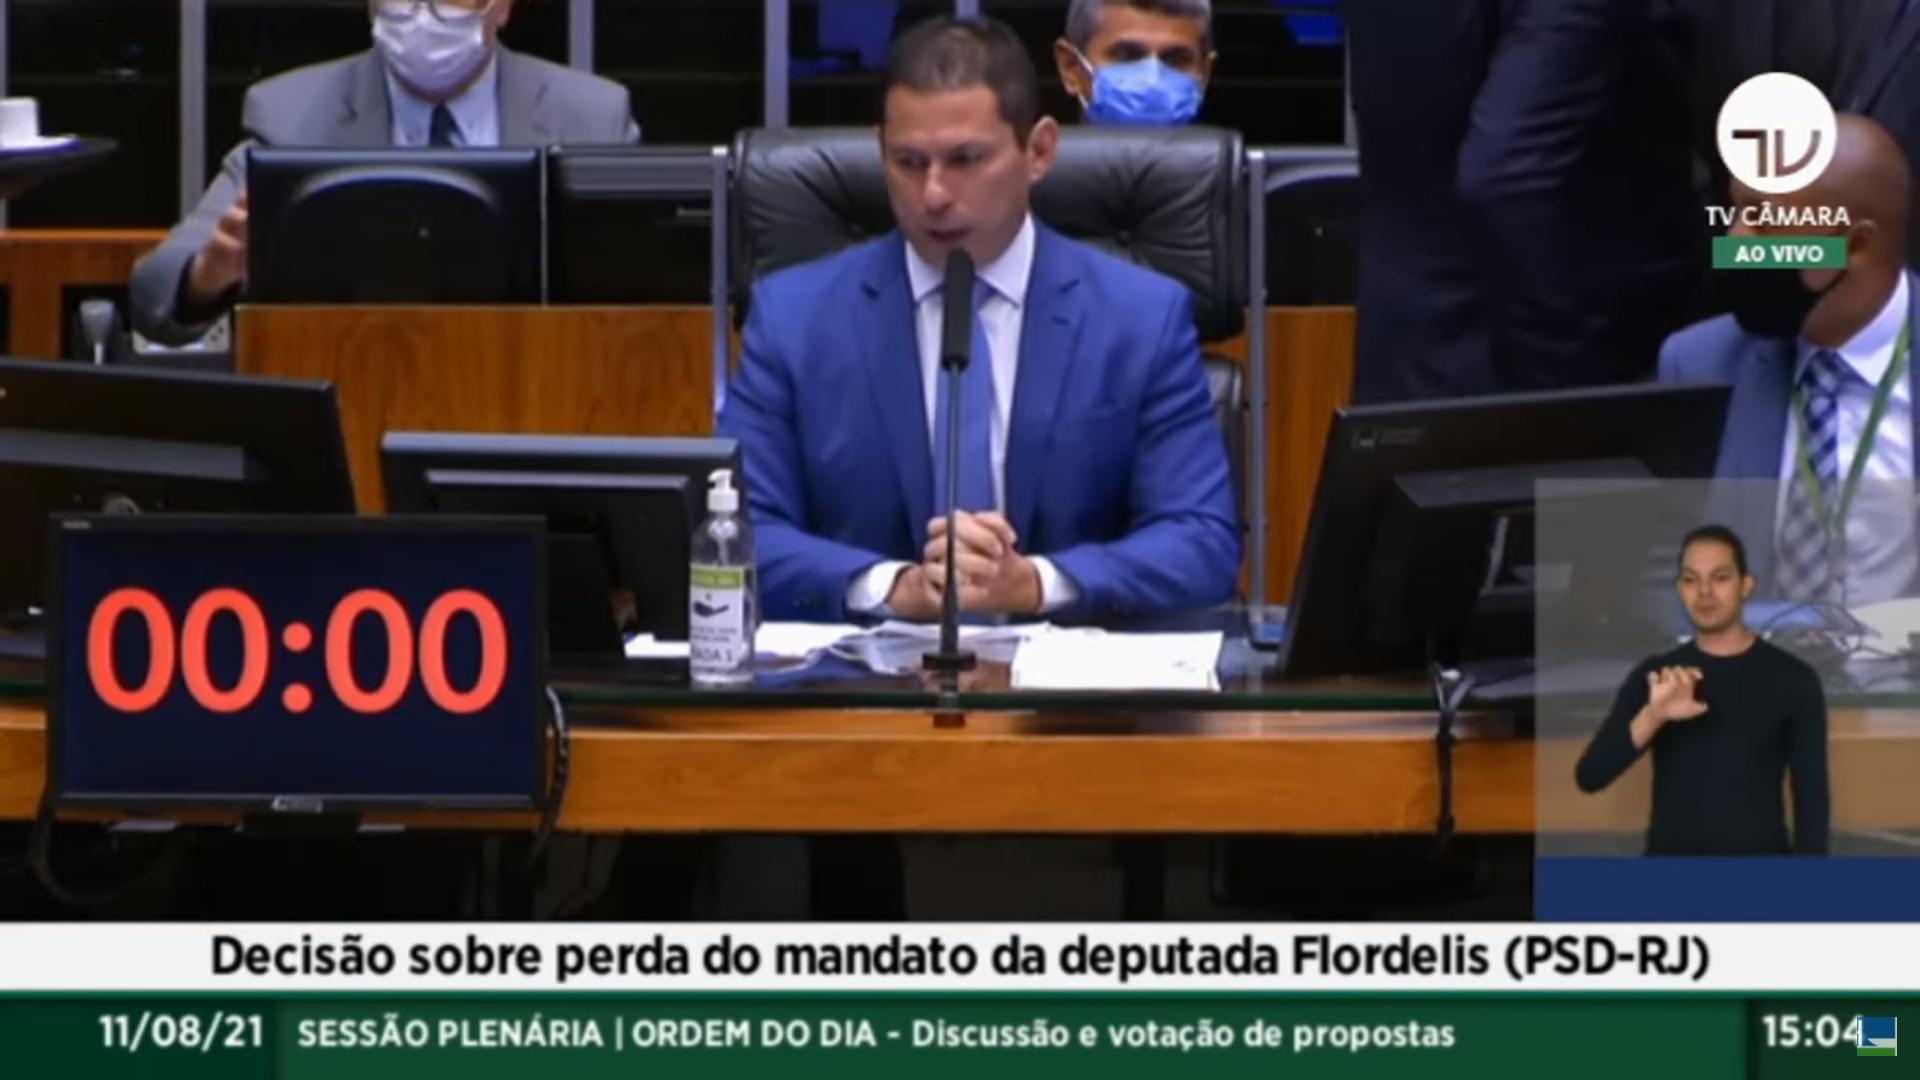 IMAGEM: Manobra pode permitir que Flordelis não seja cassada